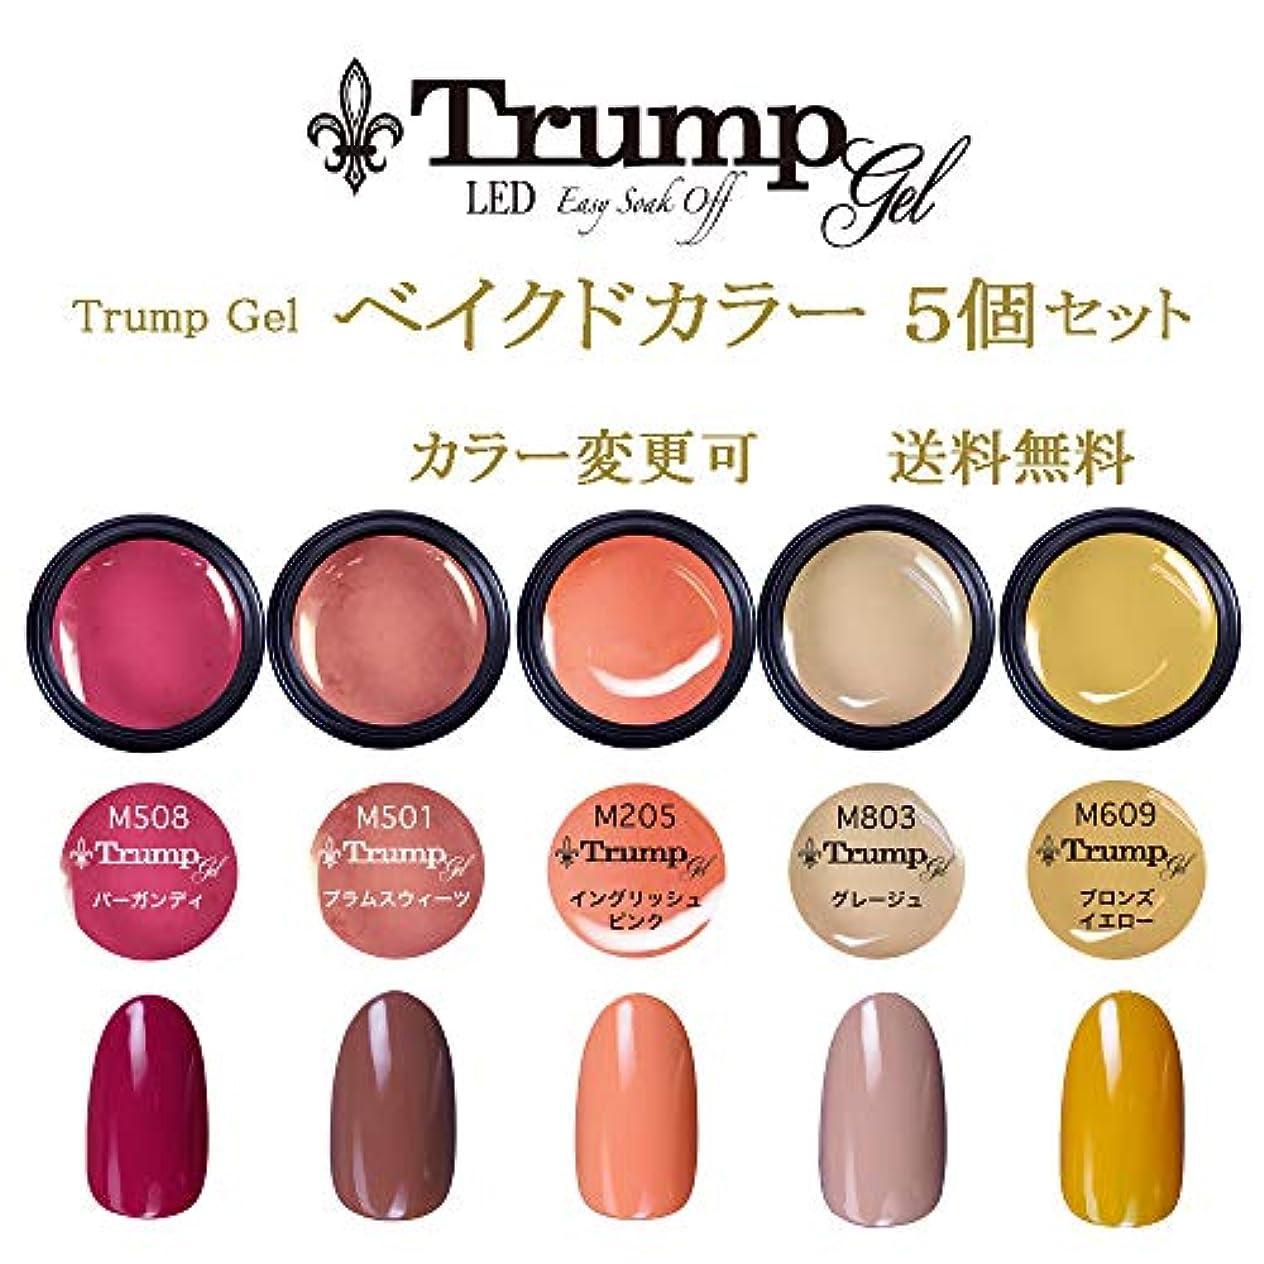 あざベアリングサークル畝間【送料無料】日本製 Trump gel トランプジェル ベイクドカラー 選べる カラージェル 5個セット ミルキーネイル ベージュ オレンジ カラー